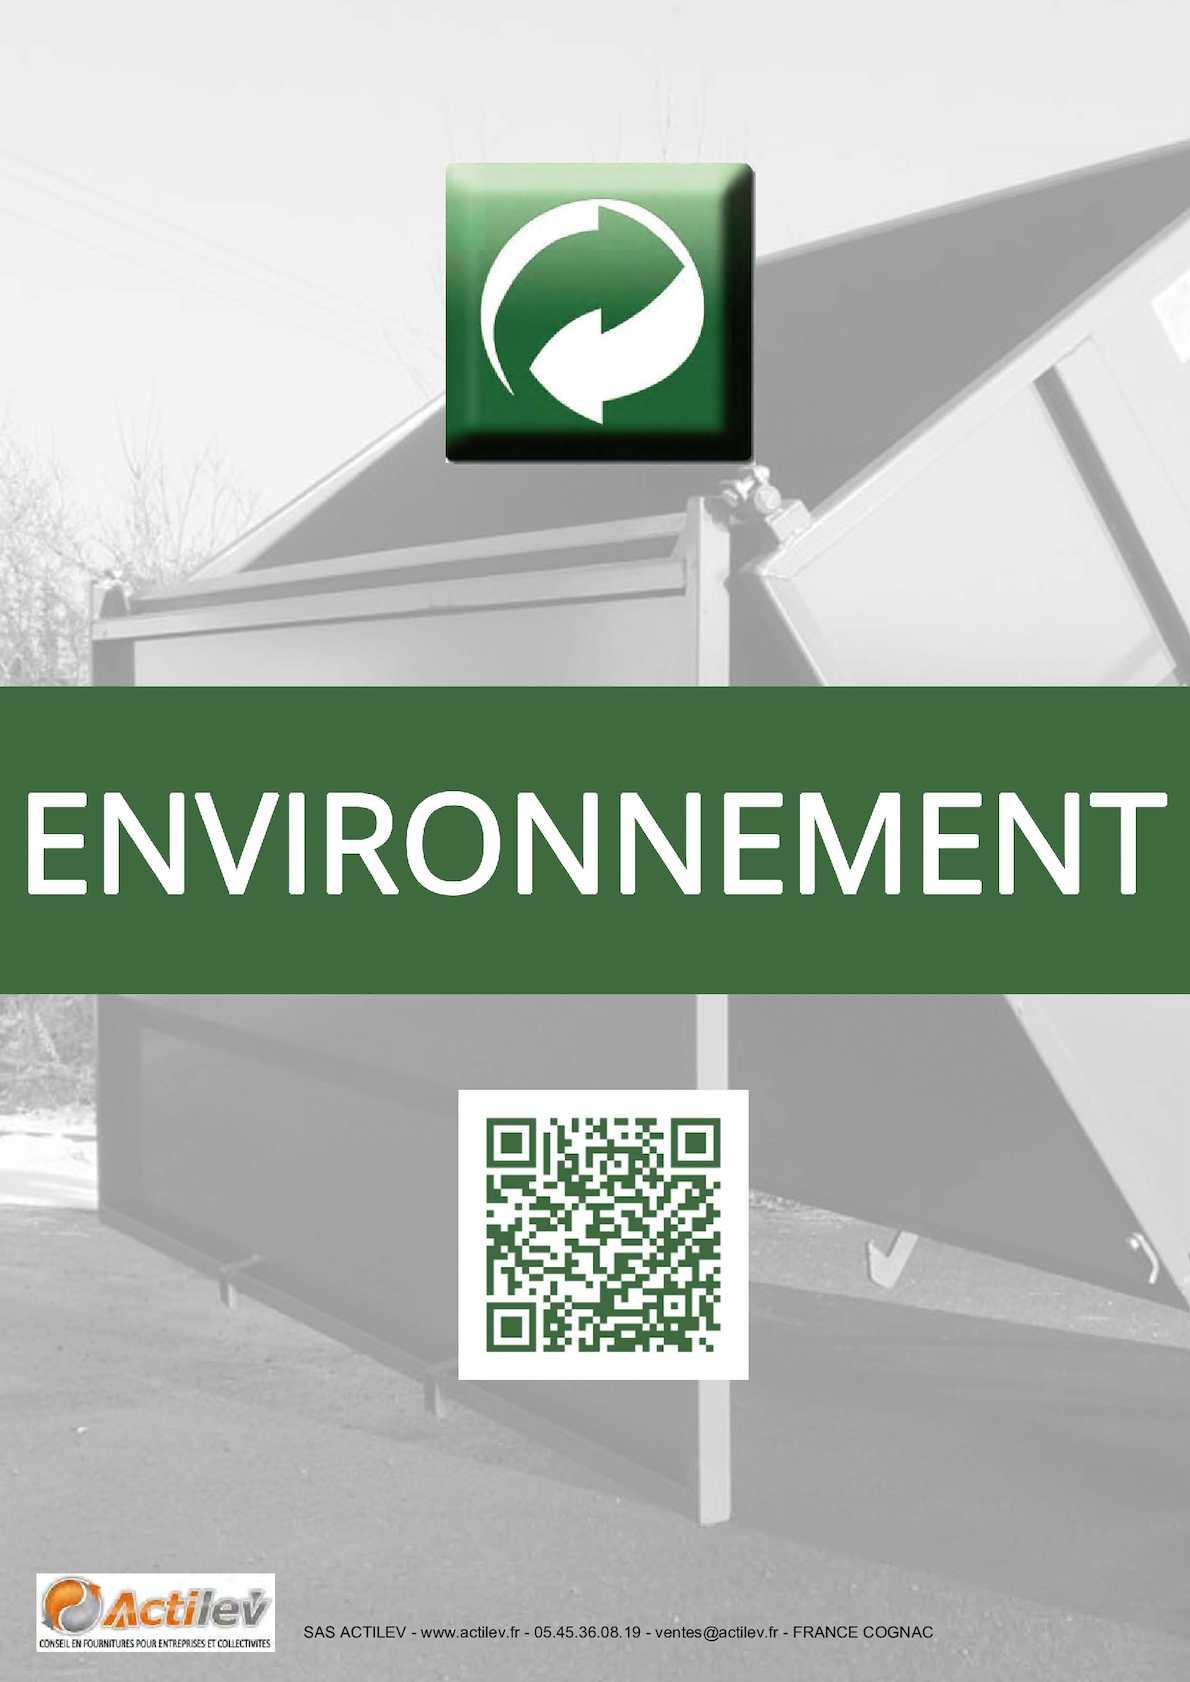 Place Tous les déchets dans des bacs fournis SIGNE 150 mm x 200 mm plastique rigide